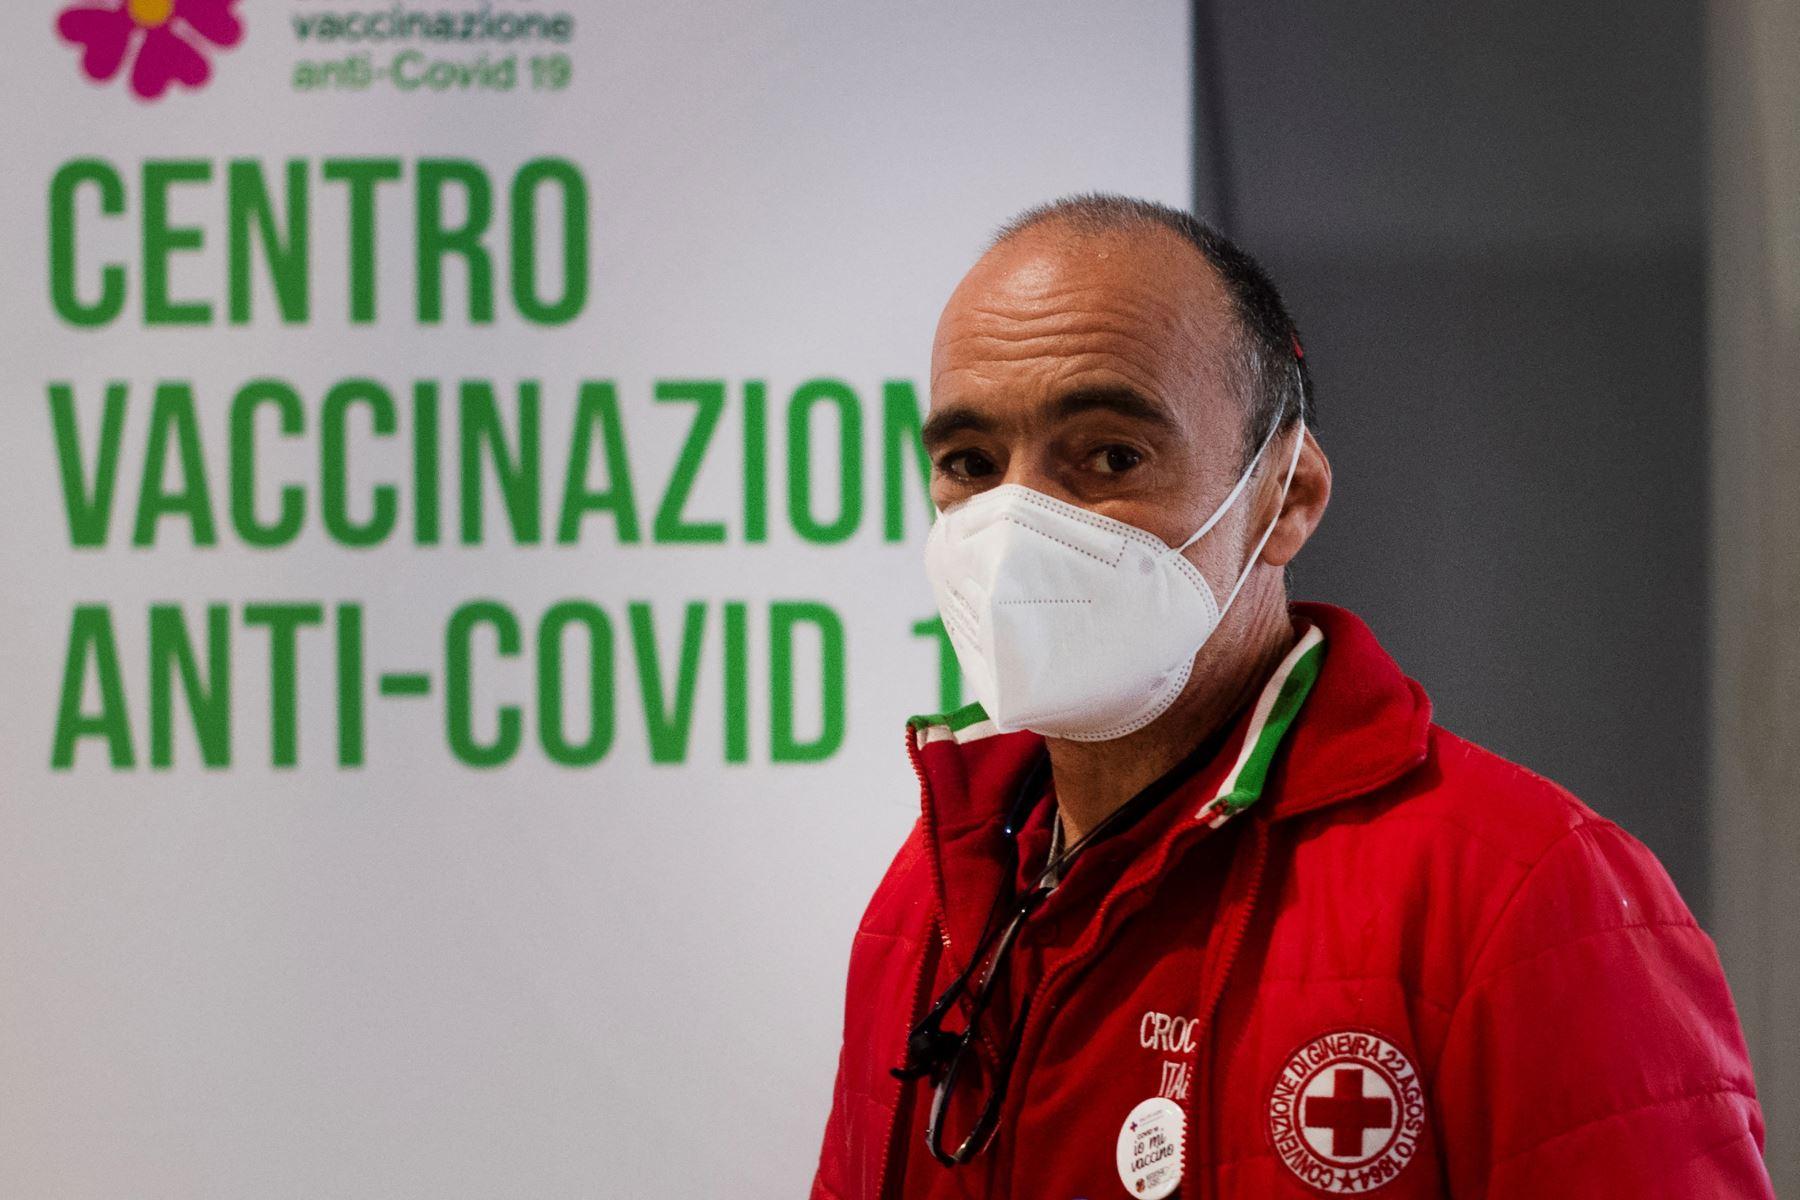 Hasta el viernes, la región de América Latina y el Caribe sumaba más de un millón de muertos y 32,5 millones de contagios por covid-19. Foto: AFP